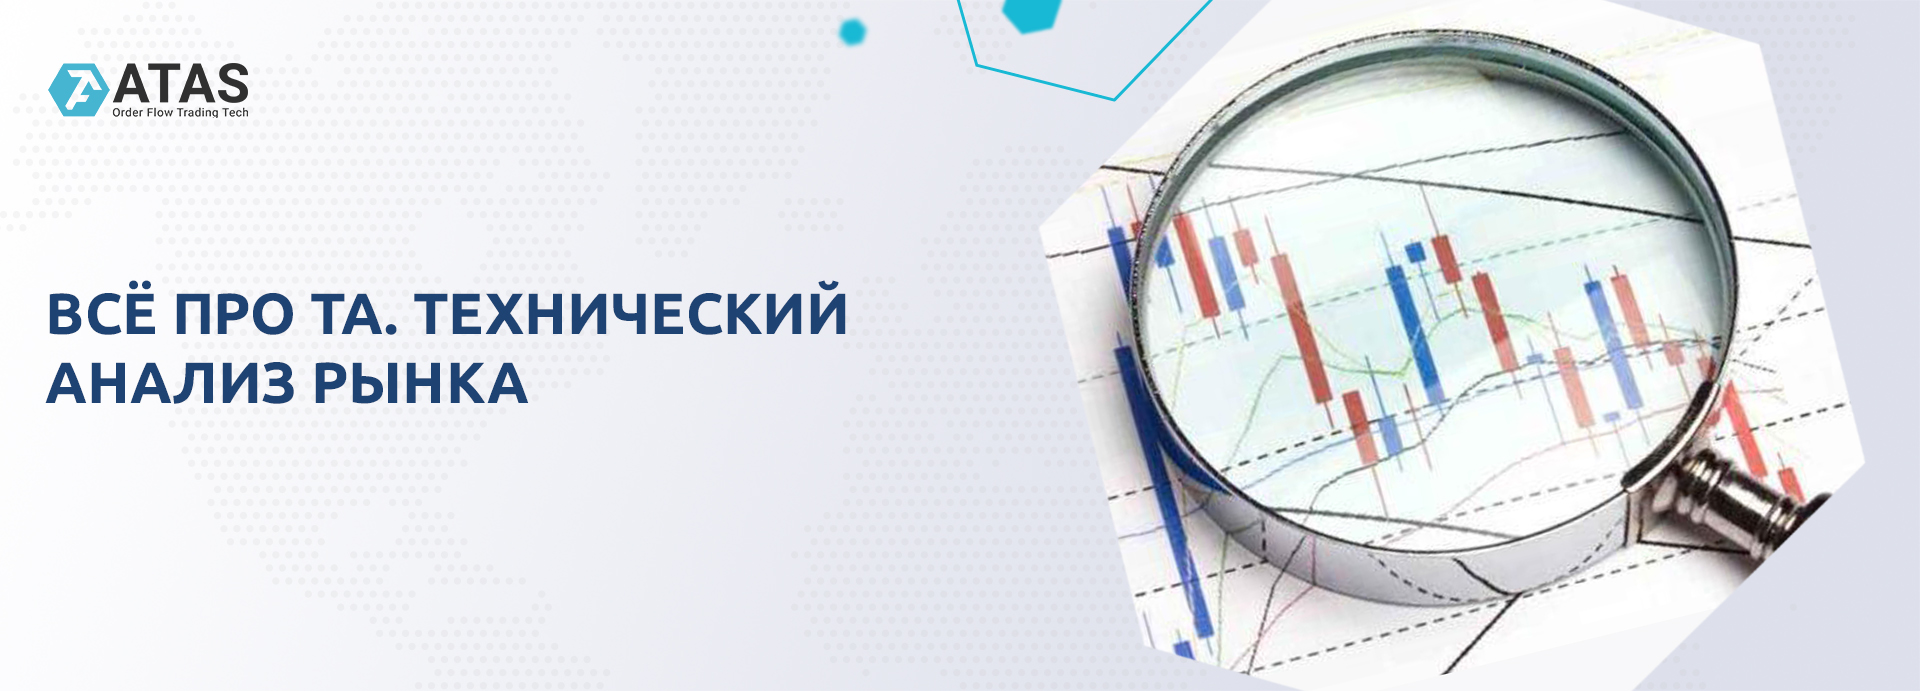 Всё про ТА. Технический анализ рынка